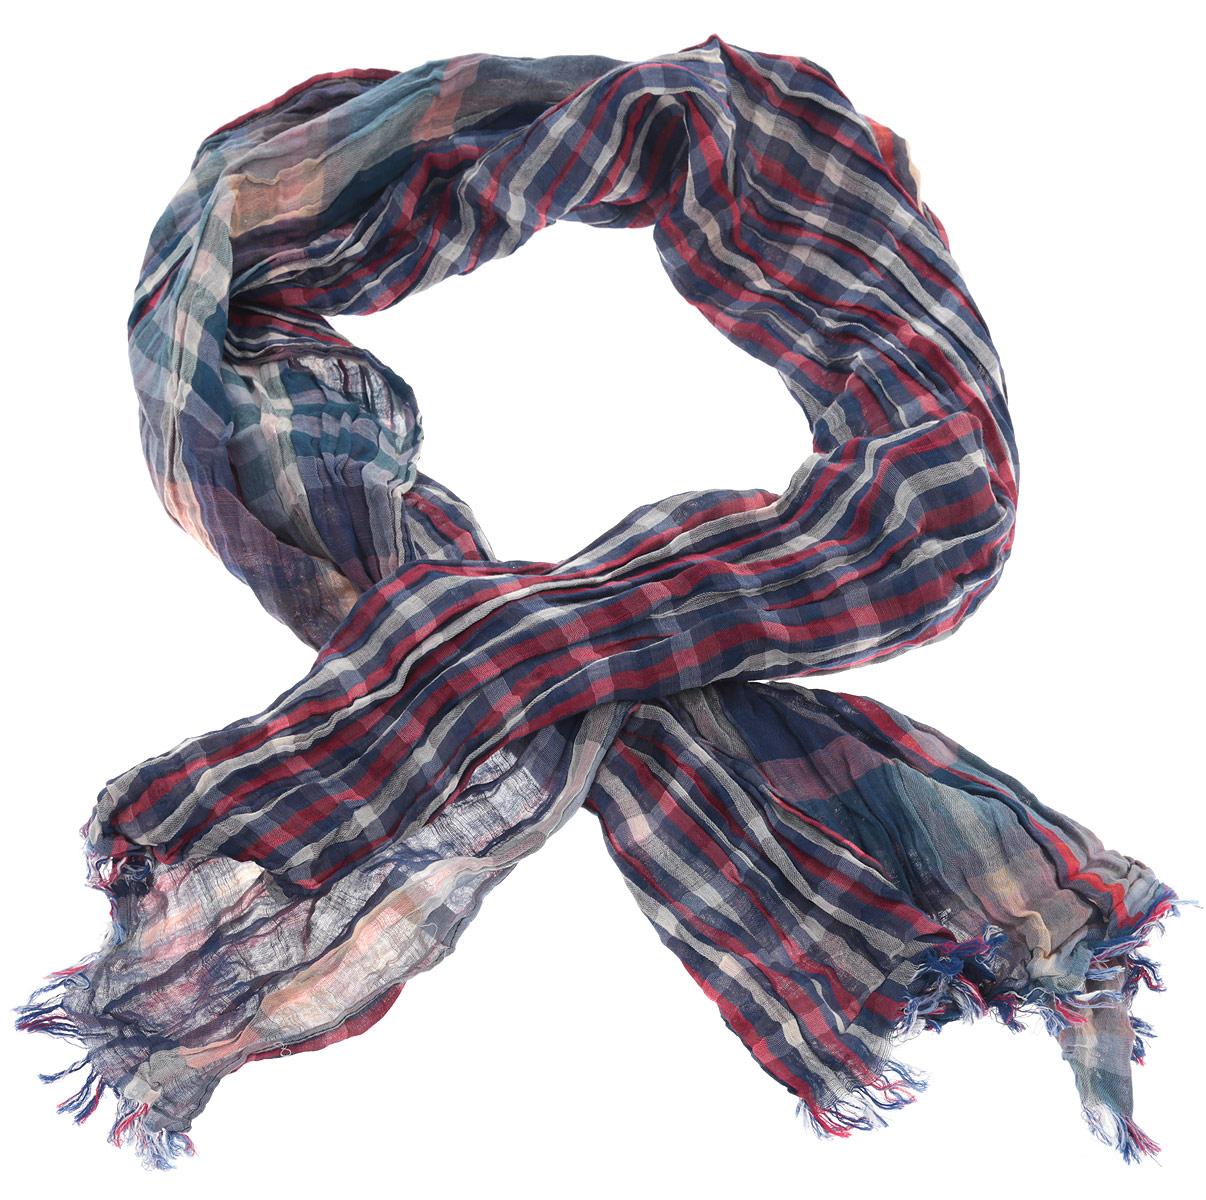 Шарф мужской. CT20013LB-01blueCT20013LB-01blueОригинальный и стильный шарф выполнен из 100% хлопка и украшен актуальным принтом в клетку тартан. Модель дополнена металлическим элементом с логотипом бренда. Великолепный мужской шарф Laura Biagiotti сочетает в себе вечную классику и современные тренды.